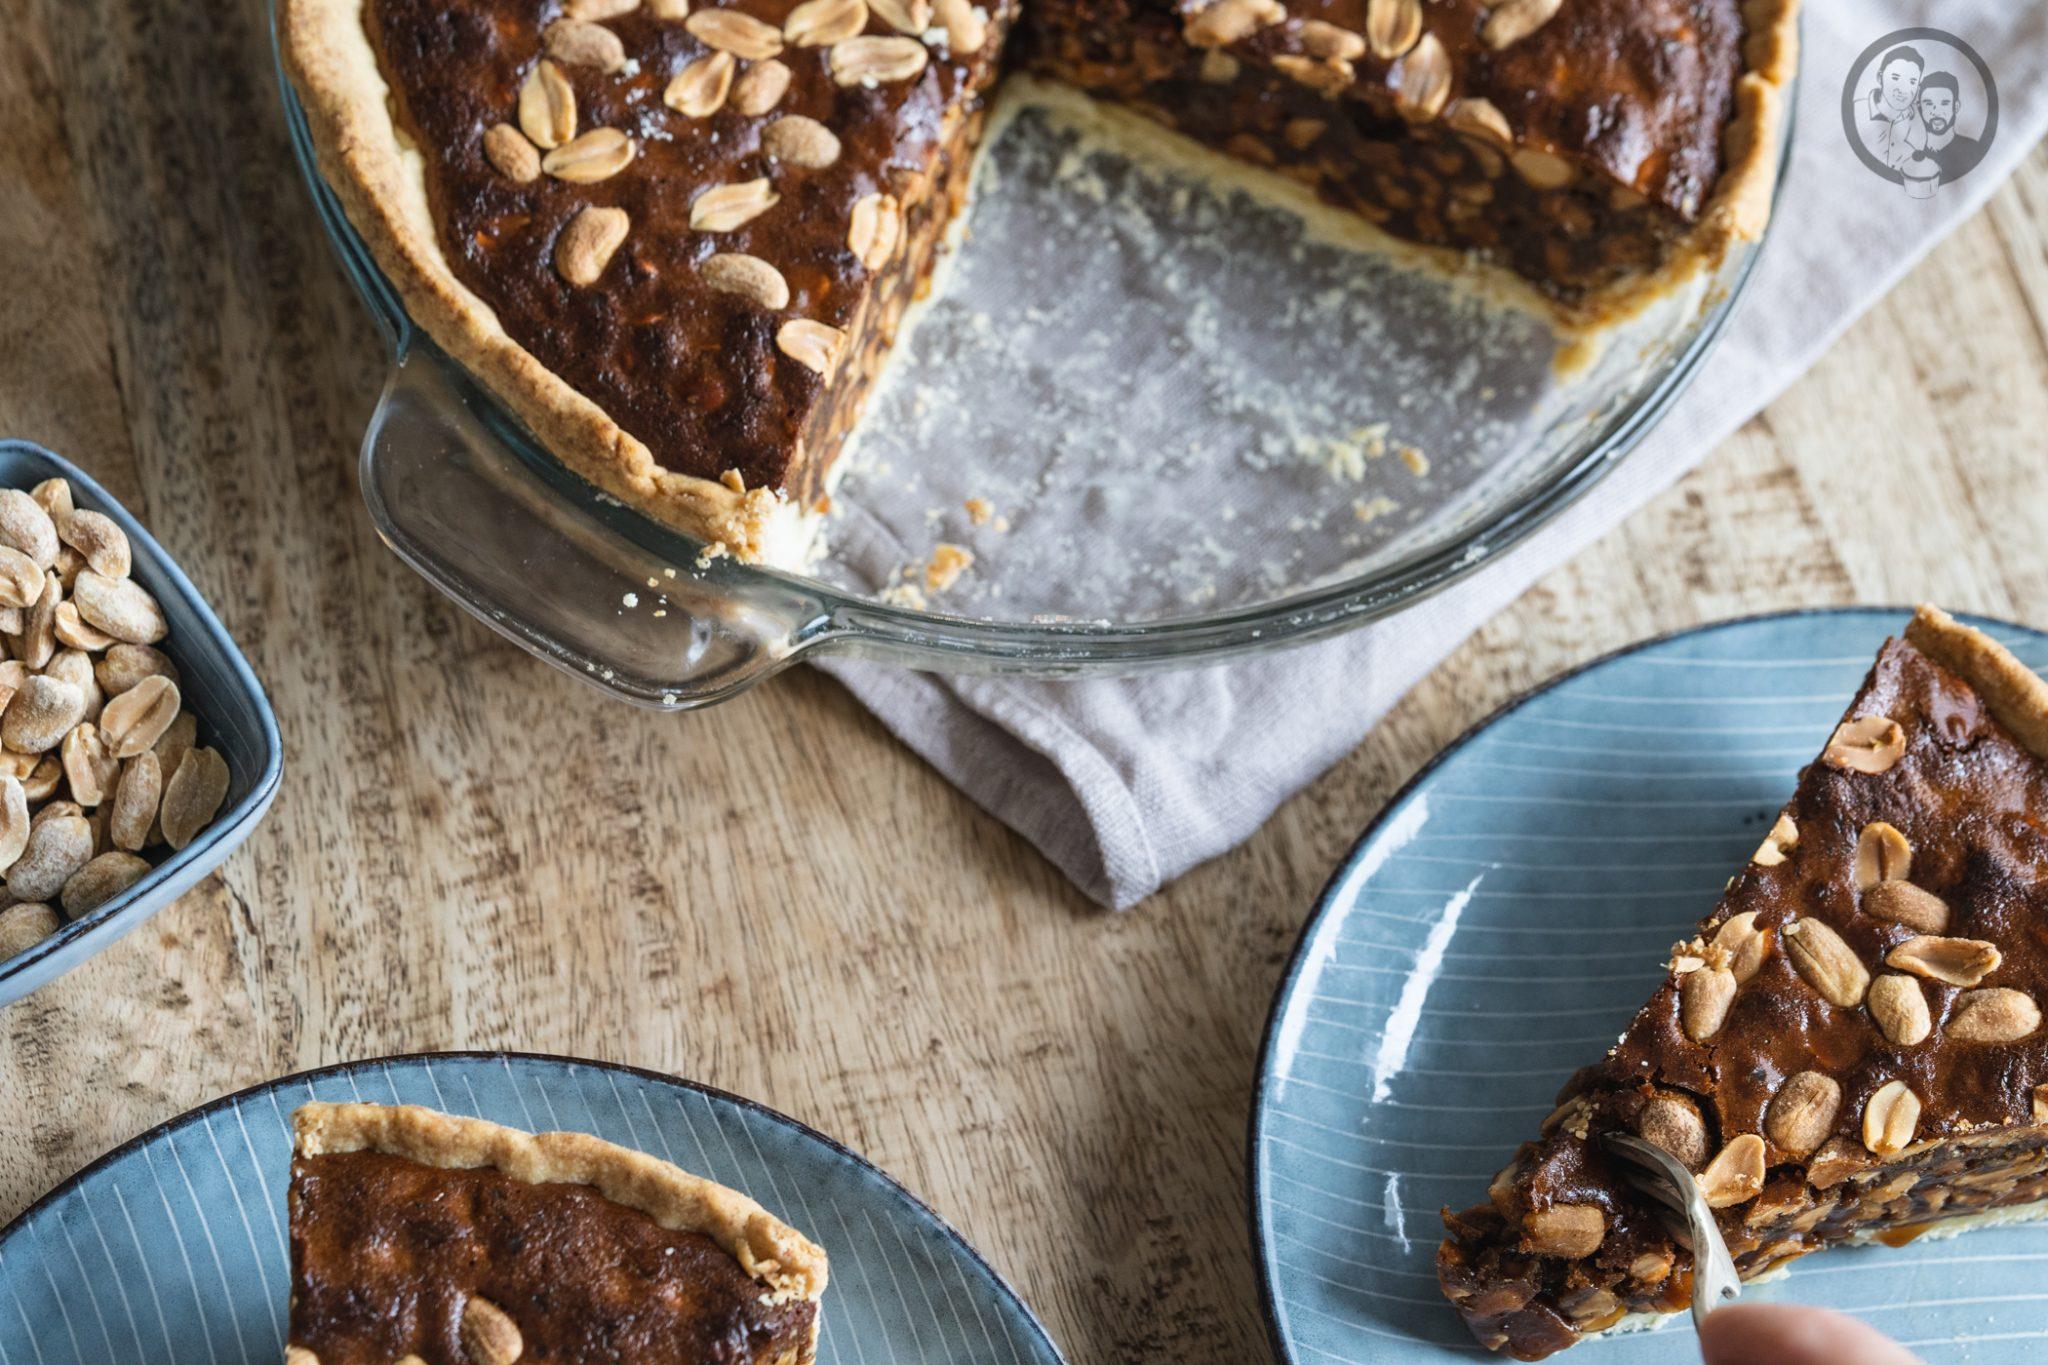 Peanut Pie 6 | Heute ist es wieder soweit und bei uns steht die Erdnuss im Mittelpunkt! Gemeinsam mit ültje haben wir euch schon so einige leckere herzhafte Gerichte mit Erdnüssen gezeigt. Zuletzt unsere unglaublich leckerenBurritos. Aber nun kurz vor Weihnachten, dachten wir uns, dass es jetzt auch mal süß und üppig zugehen darf. So entstand die Idee eines Peanut Pie!